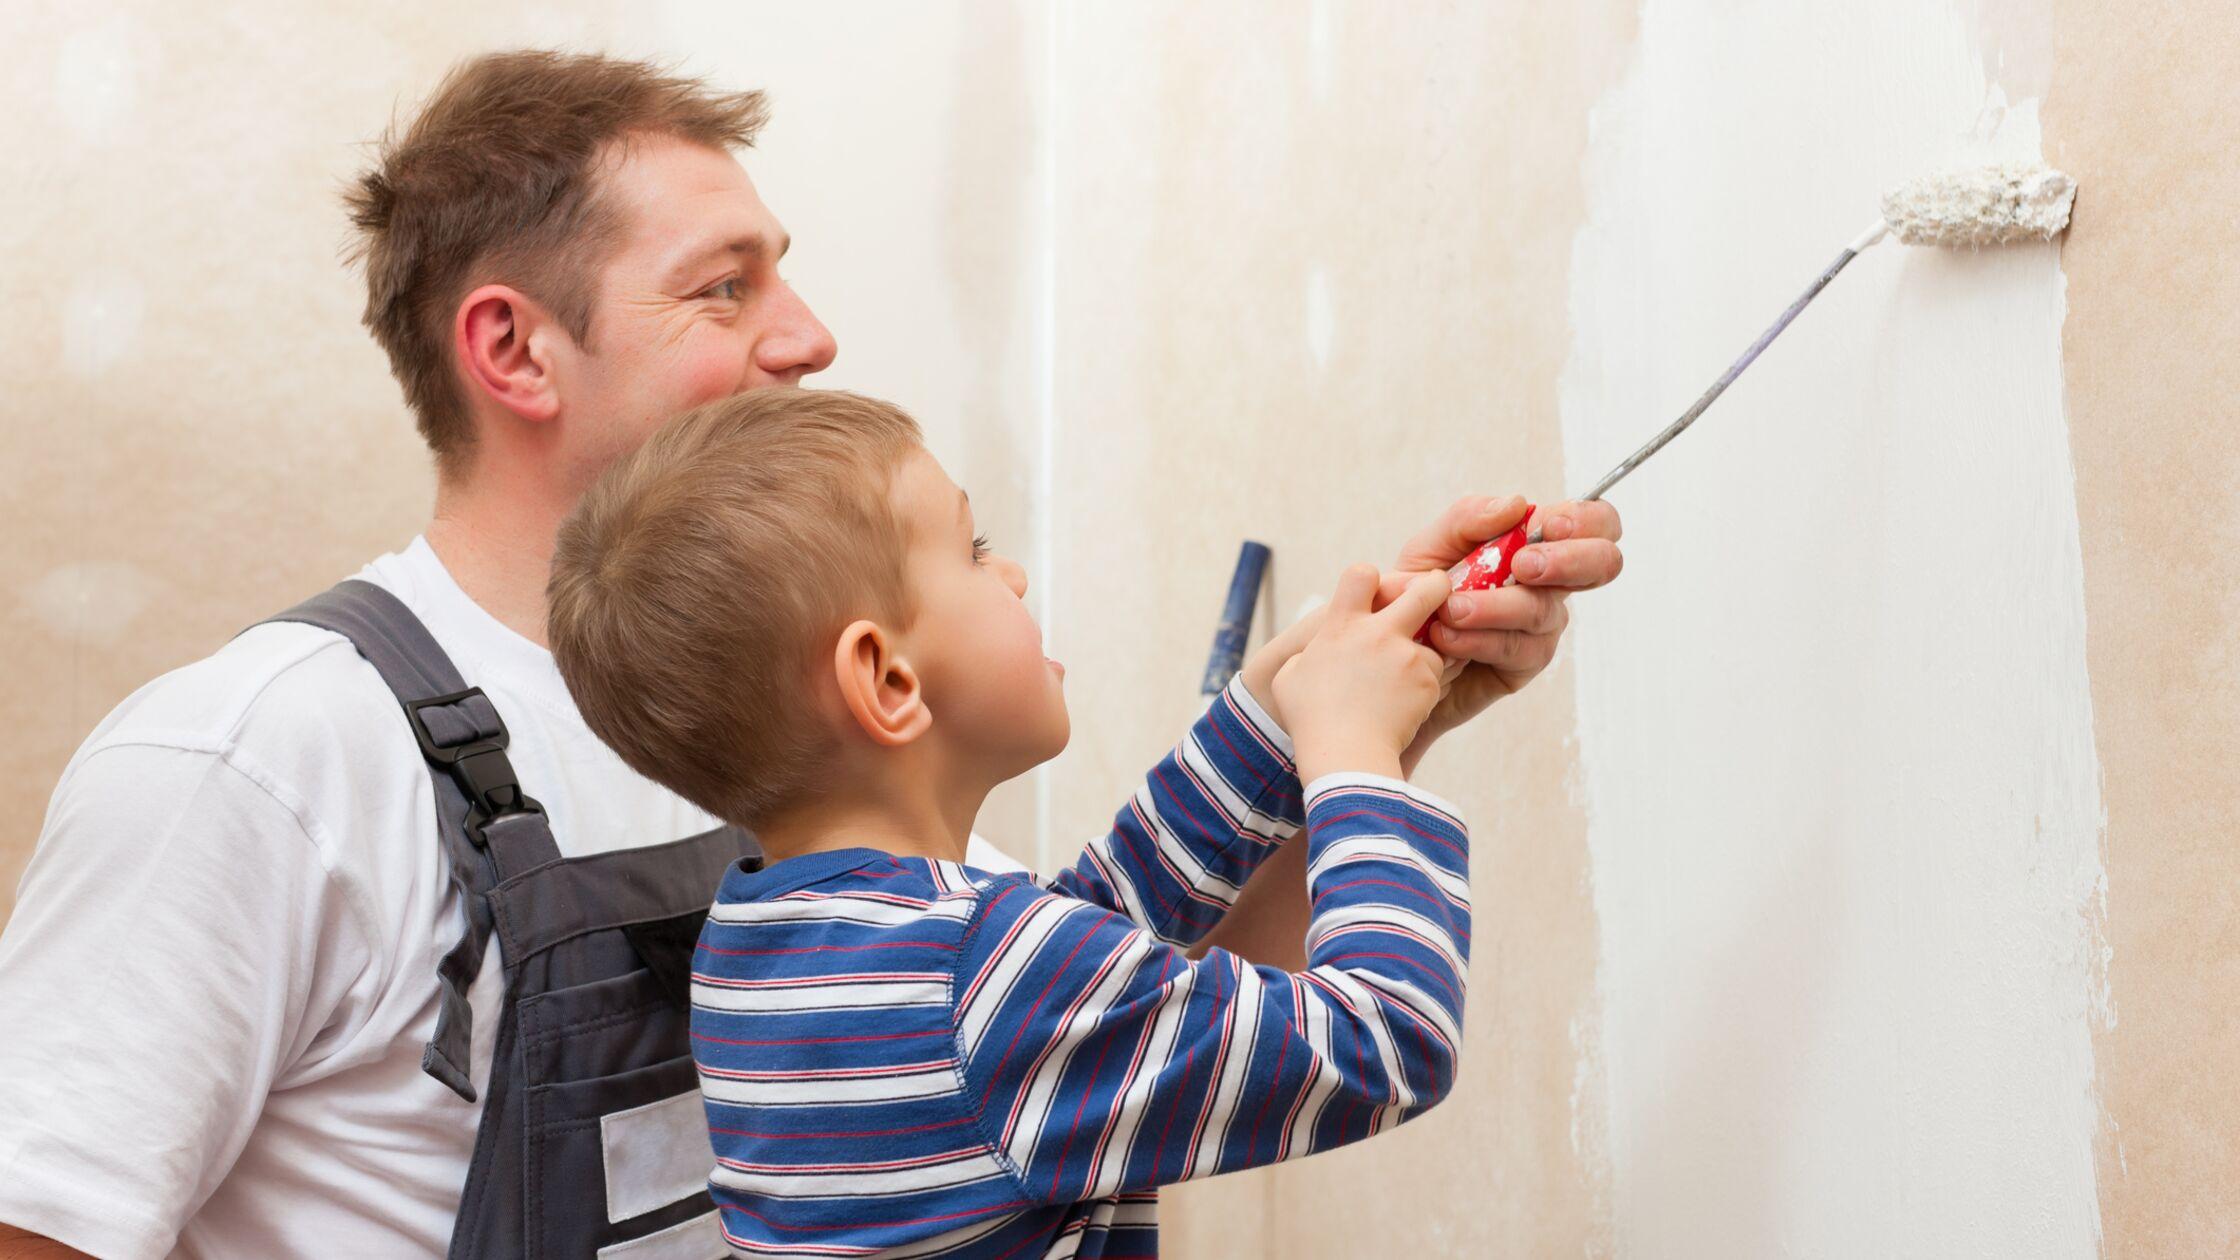 Schönheitsreparaturen: Ein Mann und ein junge streichen gemeinsam eine Wand.